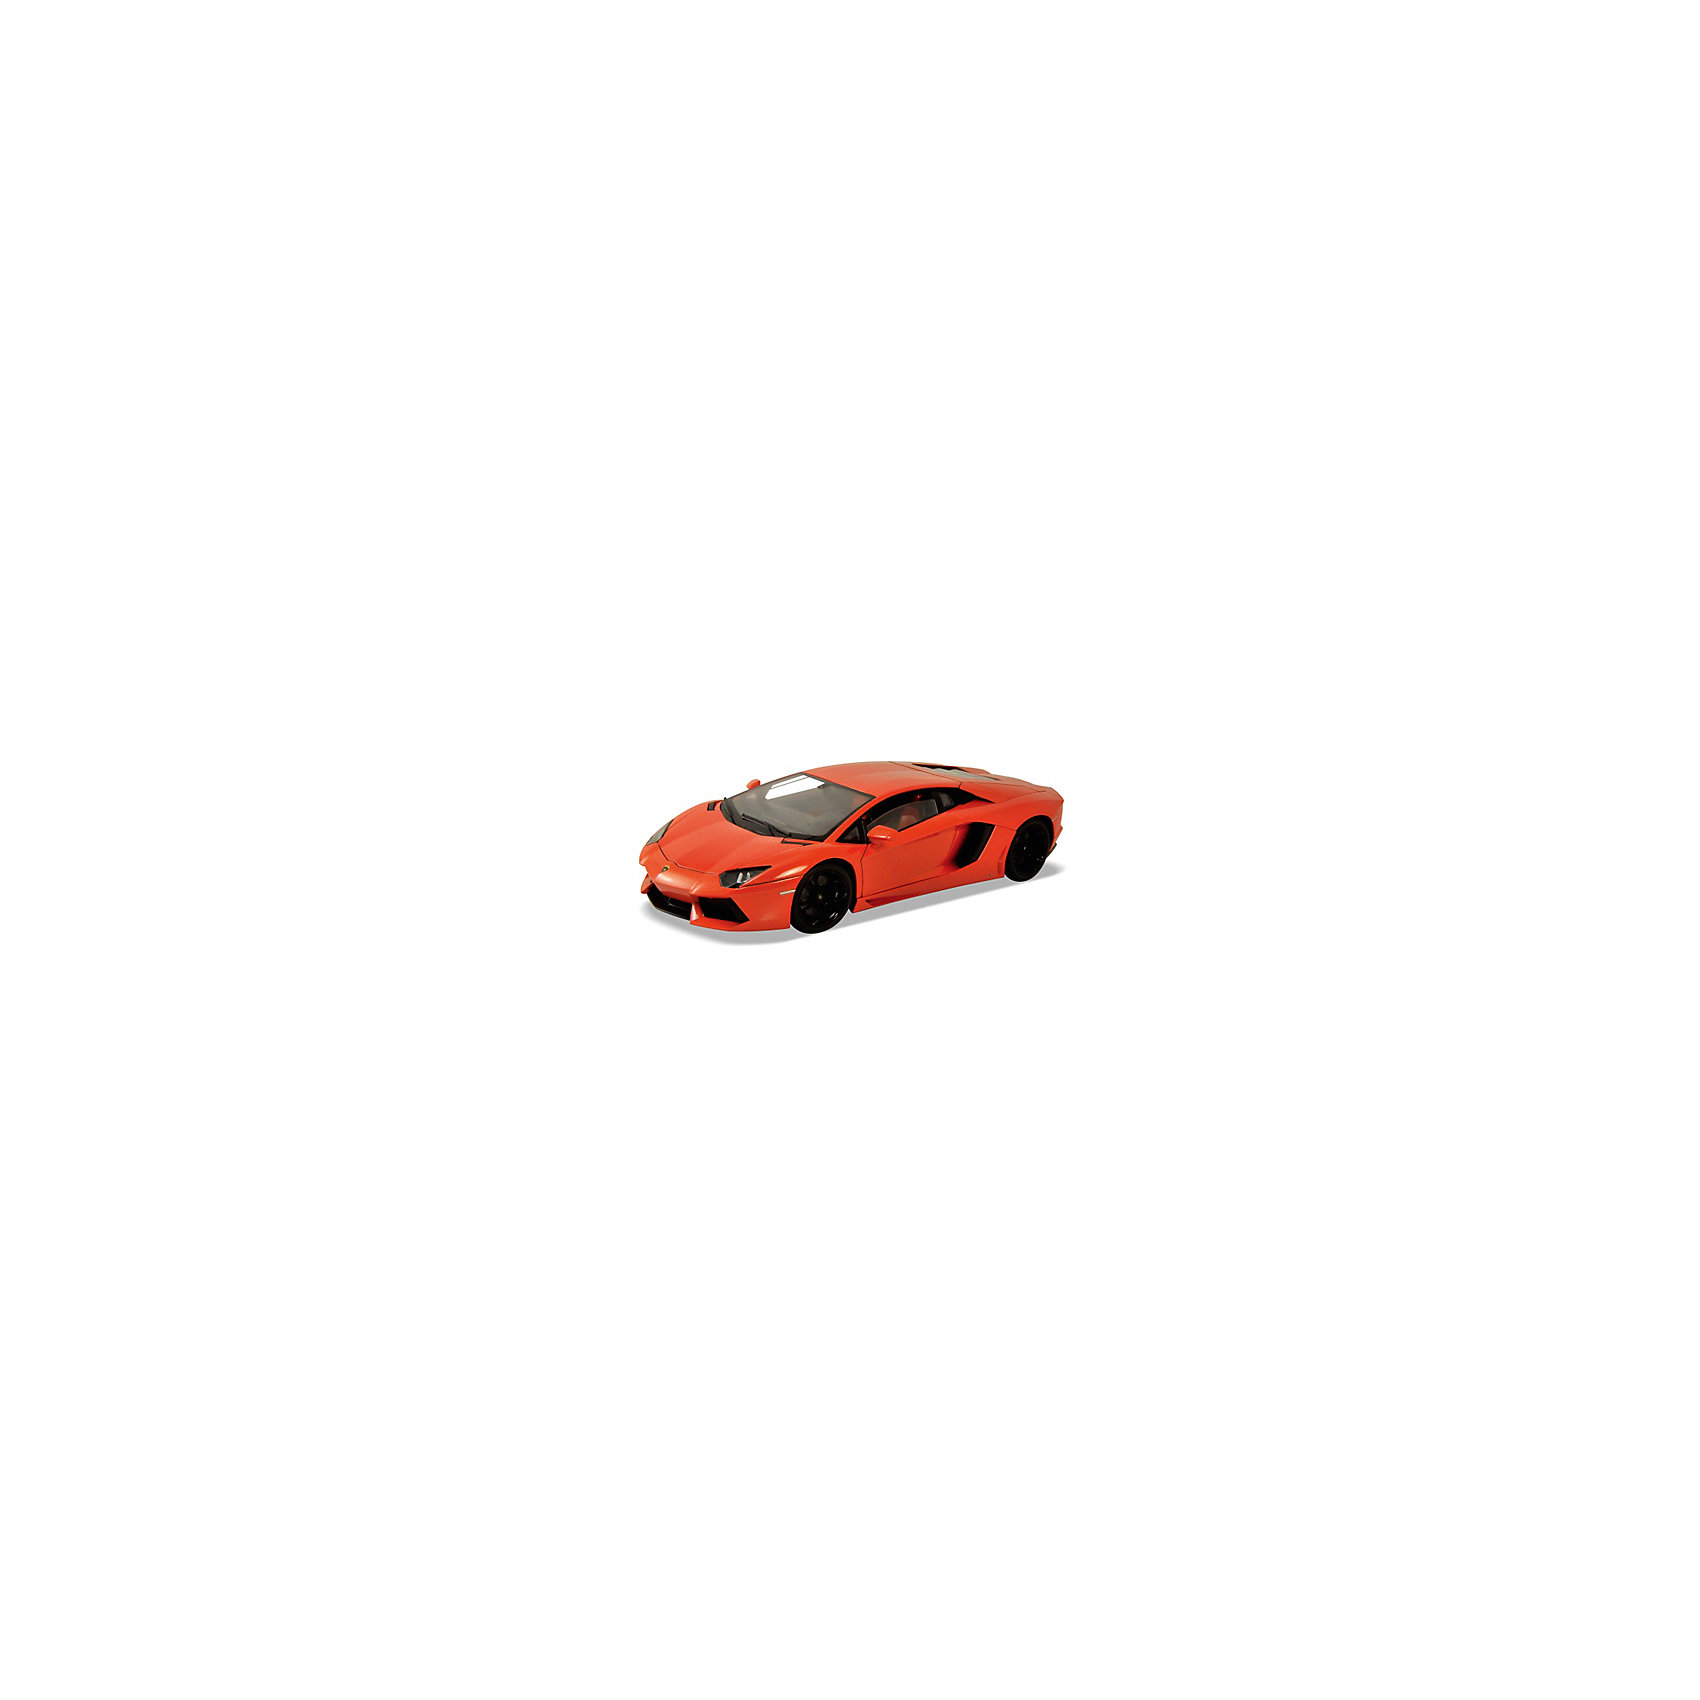 Модель машины 1:87 Lamborghini Aventador LP700-4, WellyМашинки<br>Коллекционная модель машины масштаба 1:87 Lamborghini Aventador LP700-4 от Welly. Цвет кузова представлен в ассортименте, выбранный вариант в поставке не гарантирован.<br><br>Ширина мм: 45<br>Глубина мм: 40<br>Высота мм: 75<br>Вес г: 52<br>Возраст от месяцев: 36<br>Возраст до месяцев: 192<br>Пол: Мужской<br>Возраст: Детский<br>SKU: 4966556